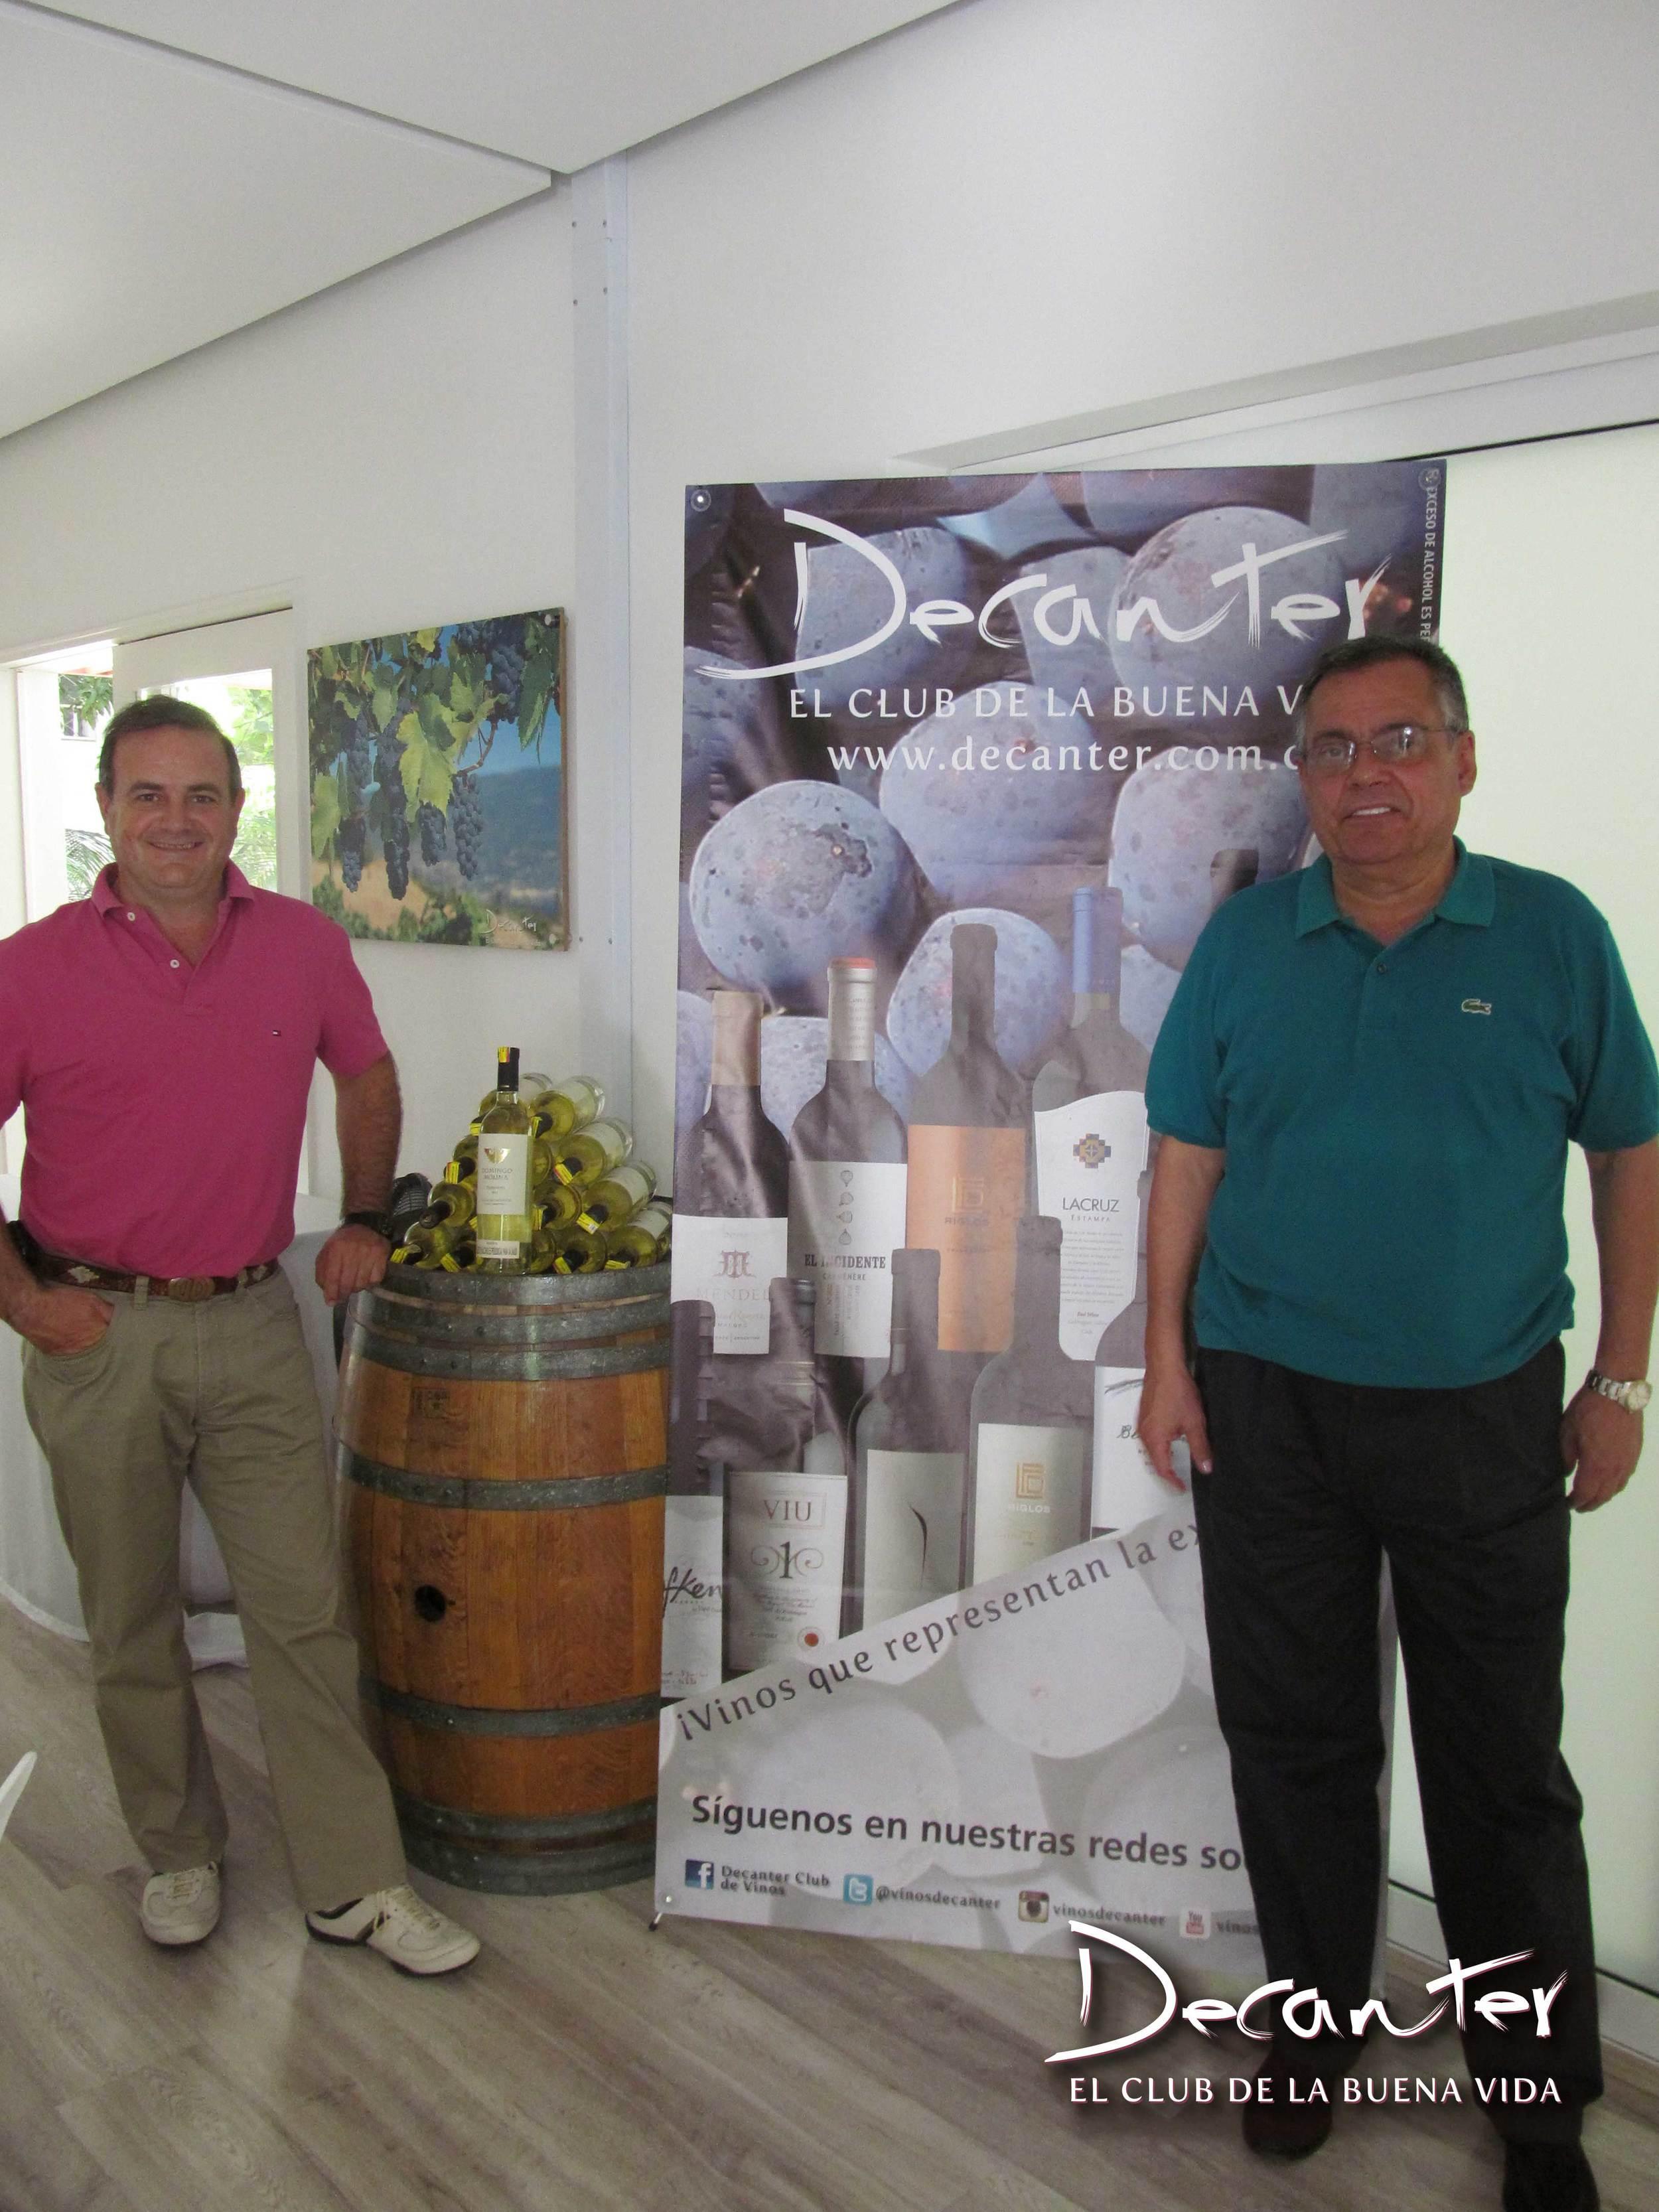 Osvaldo Domingo de la Bodega Domingo Molina y Juan Carlos Novoa, gerente del Club de vinos Decanter, en uno de los eventos de Medellín.